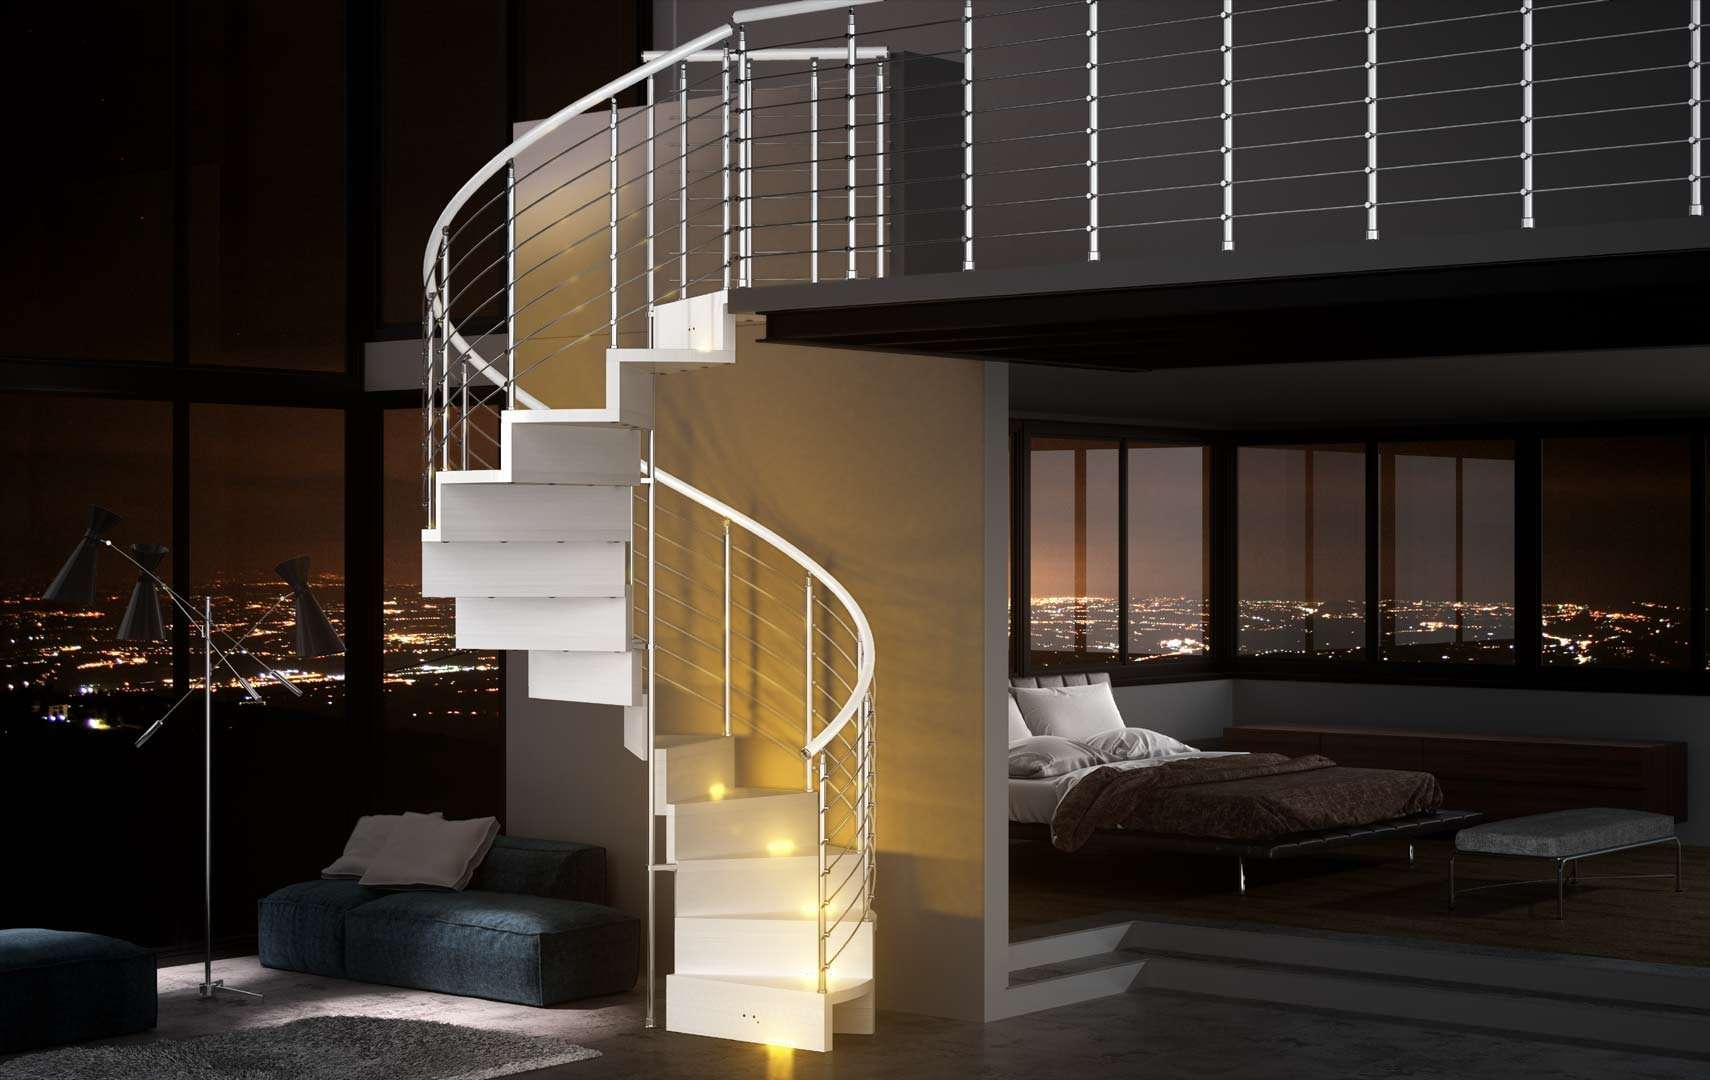 Pura ampia scelta di scale a chiocciola e scale elicoidali in legno per interni con - Luci per scale ...